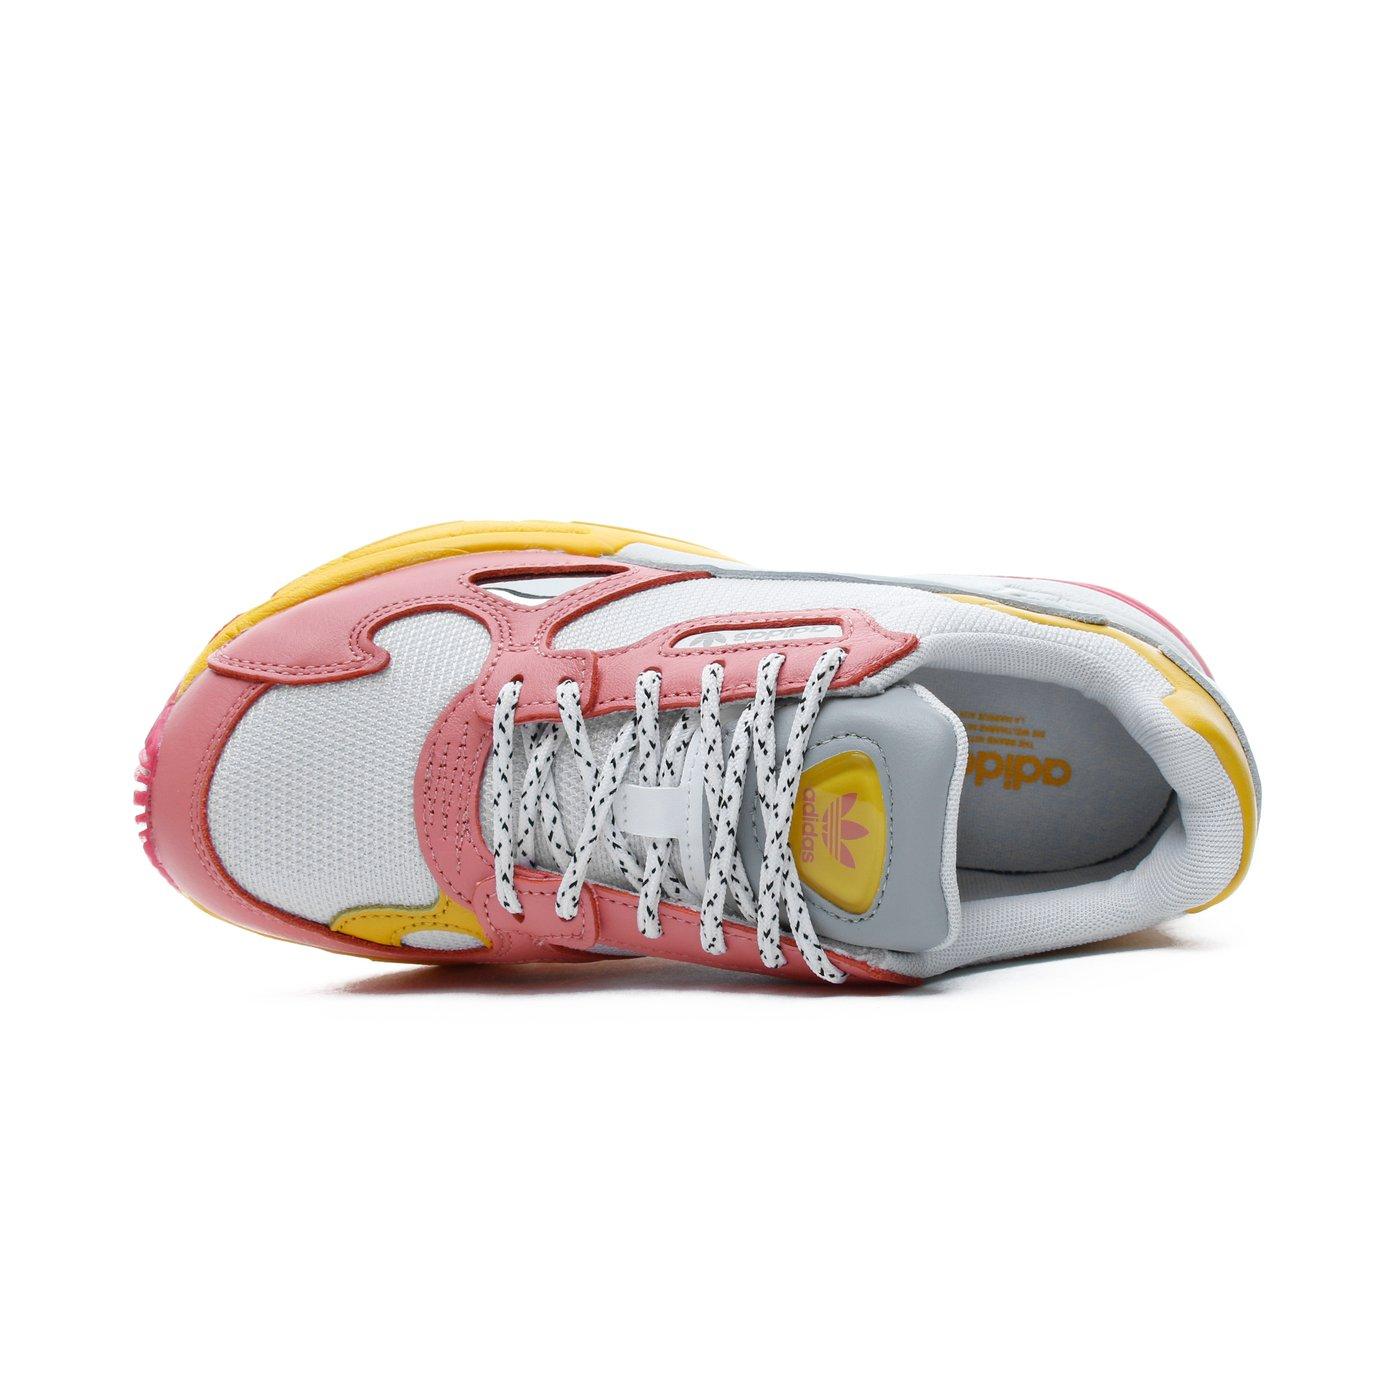 adidas Falcon Kadın Turuncu - Sarı Spor Ayakkabı